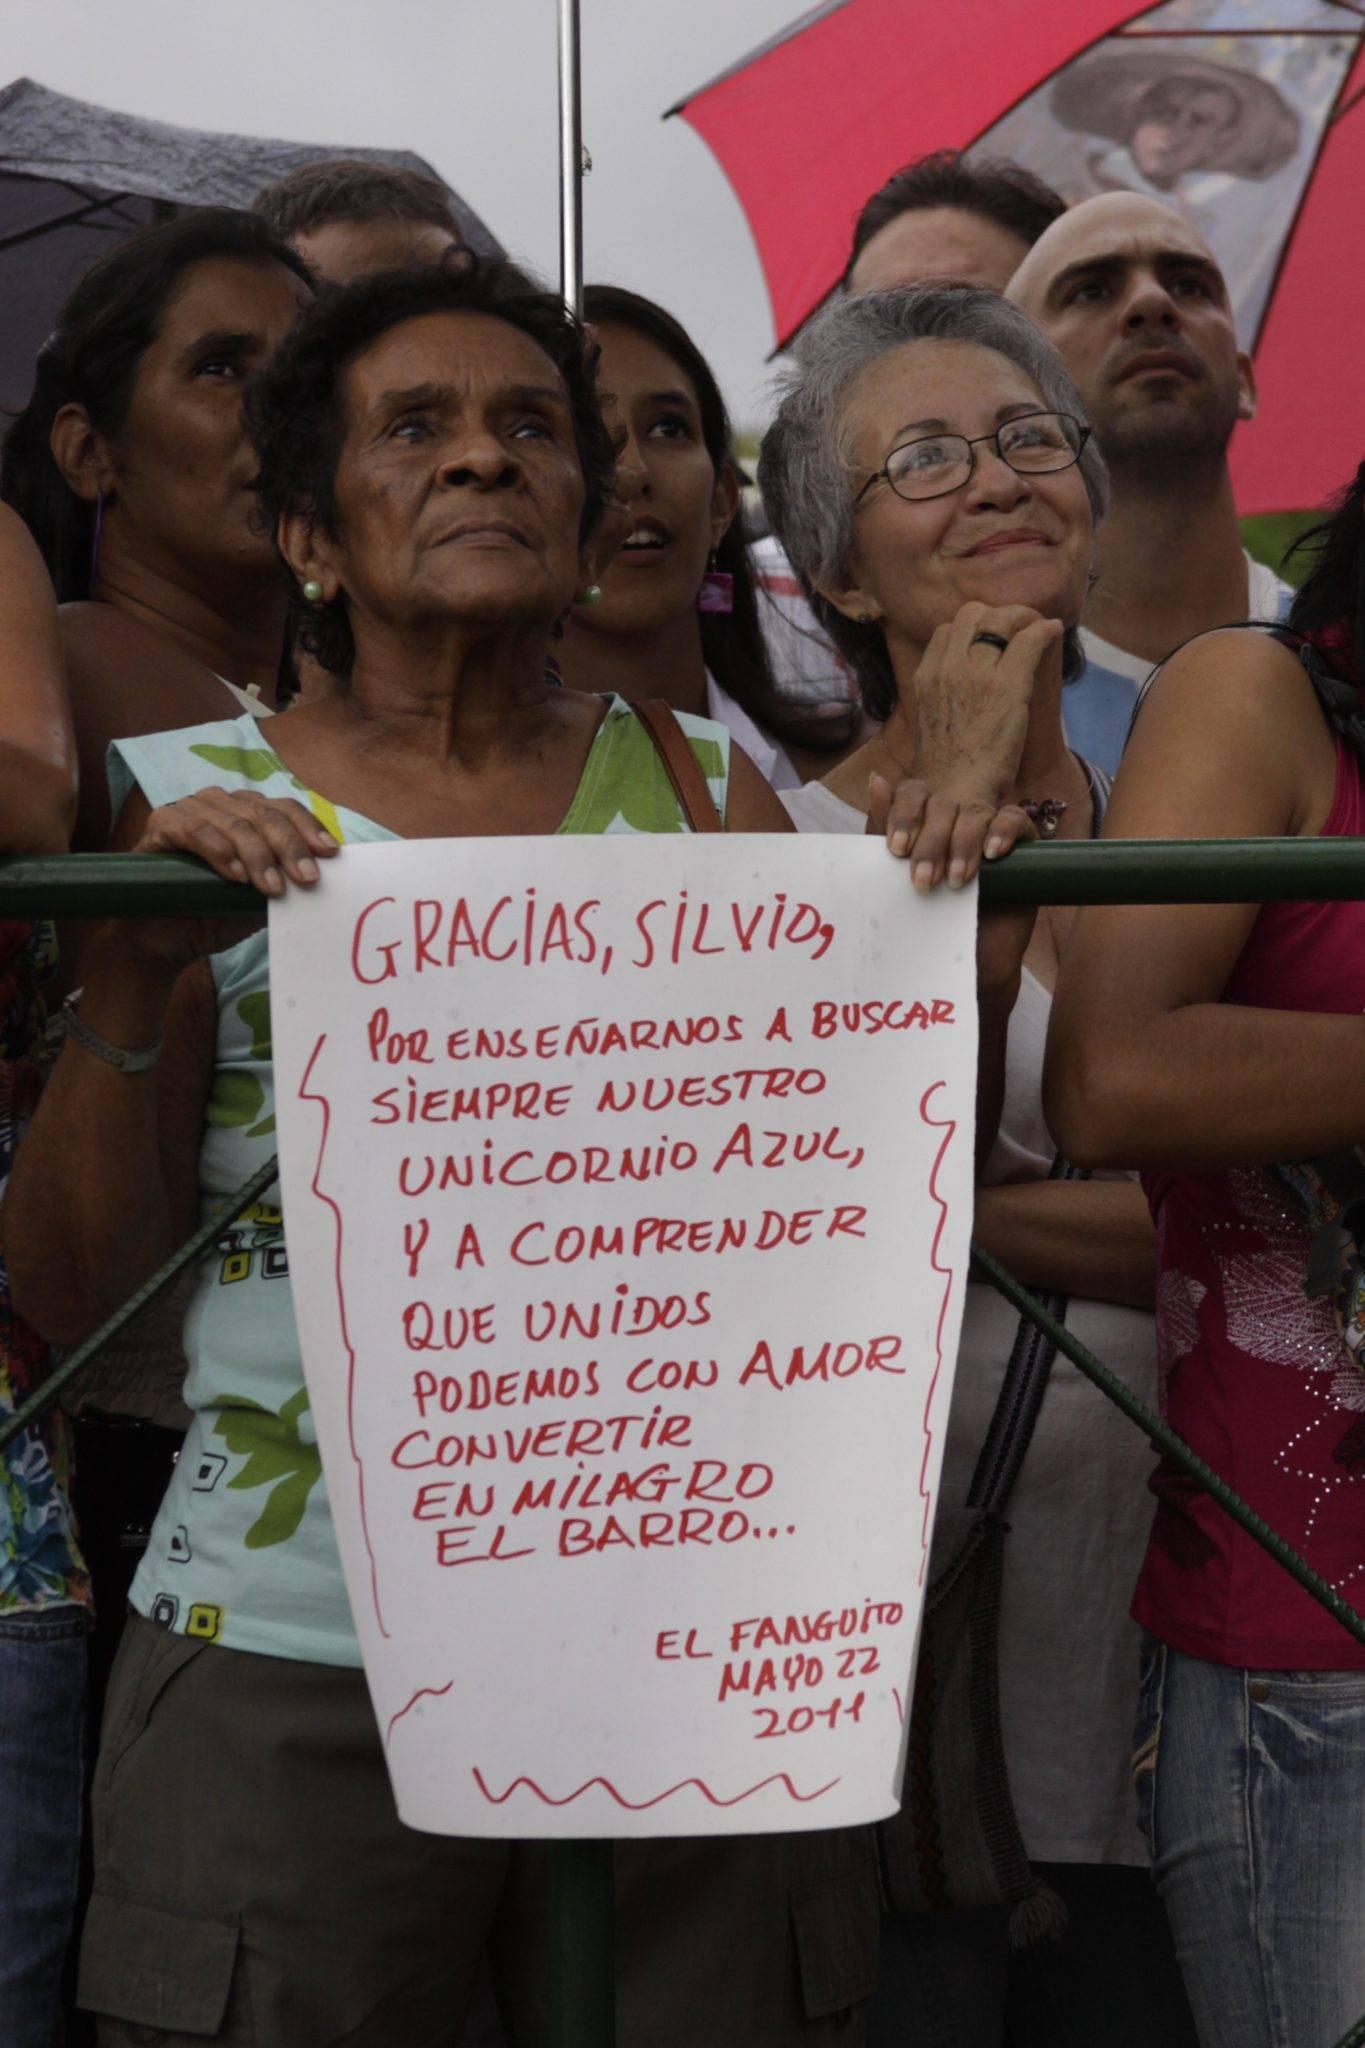 Concierto de Silvio Rodríguez en El Fanguito, Gira por los Barrios. Foto: Alejandro Ramírez Anderson.